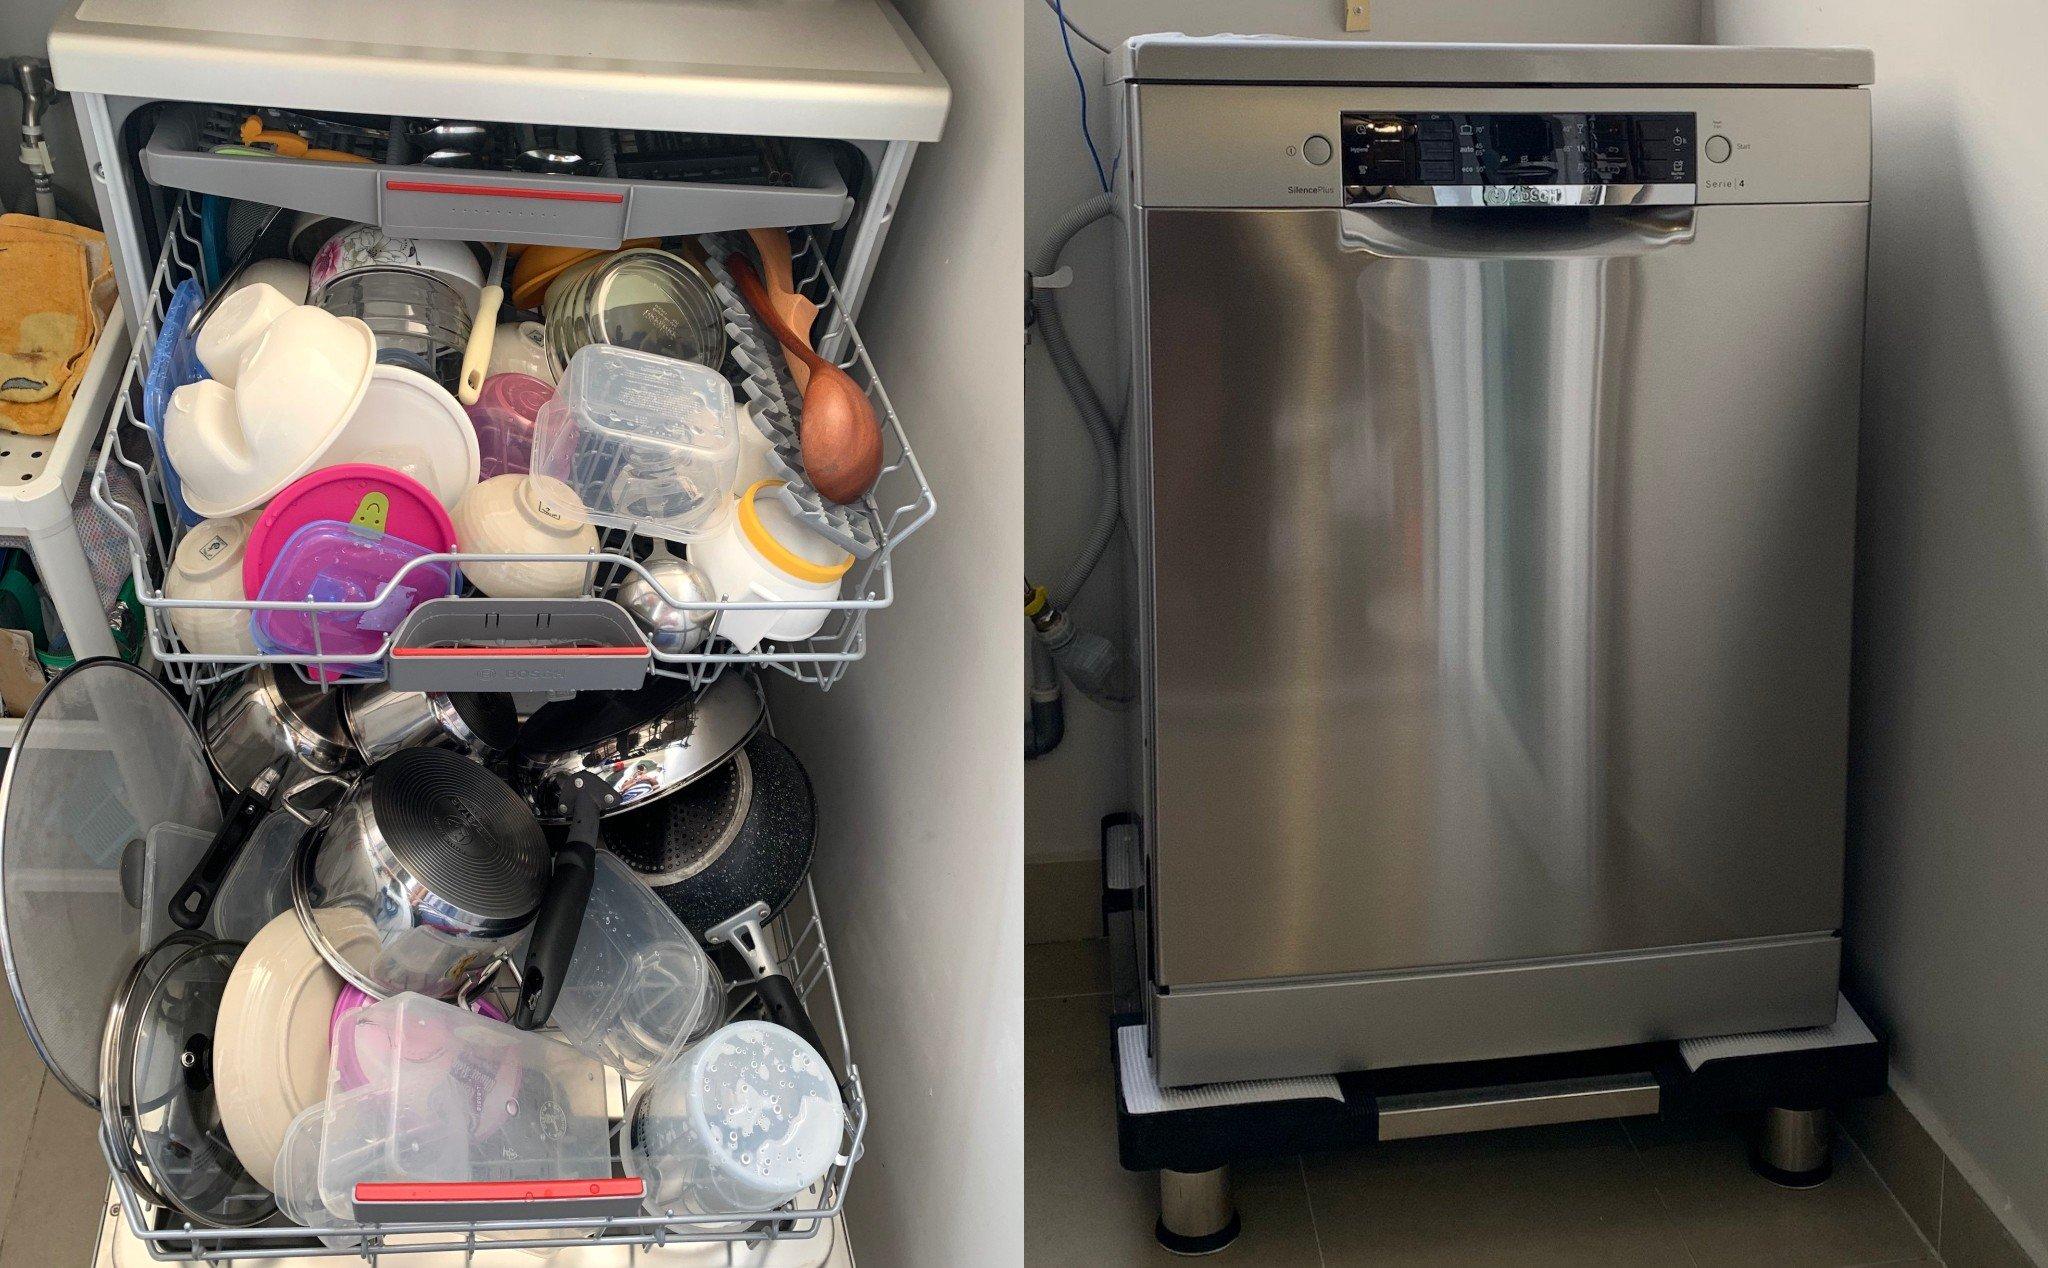 Nếu đang có ý định mua máy rửa bát cho gia đình thì bạn không nên bỏ qua 5 lưu ý quan trọng dưới đây - Ảnh 4.